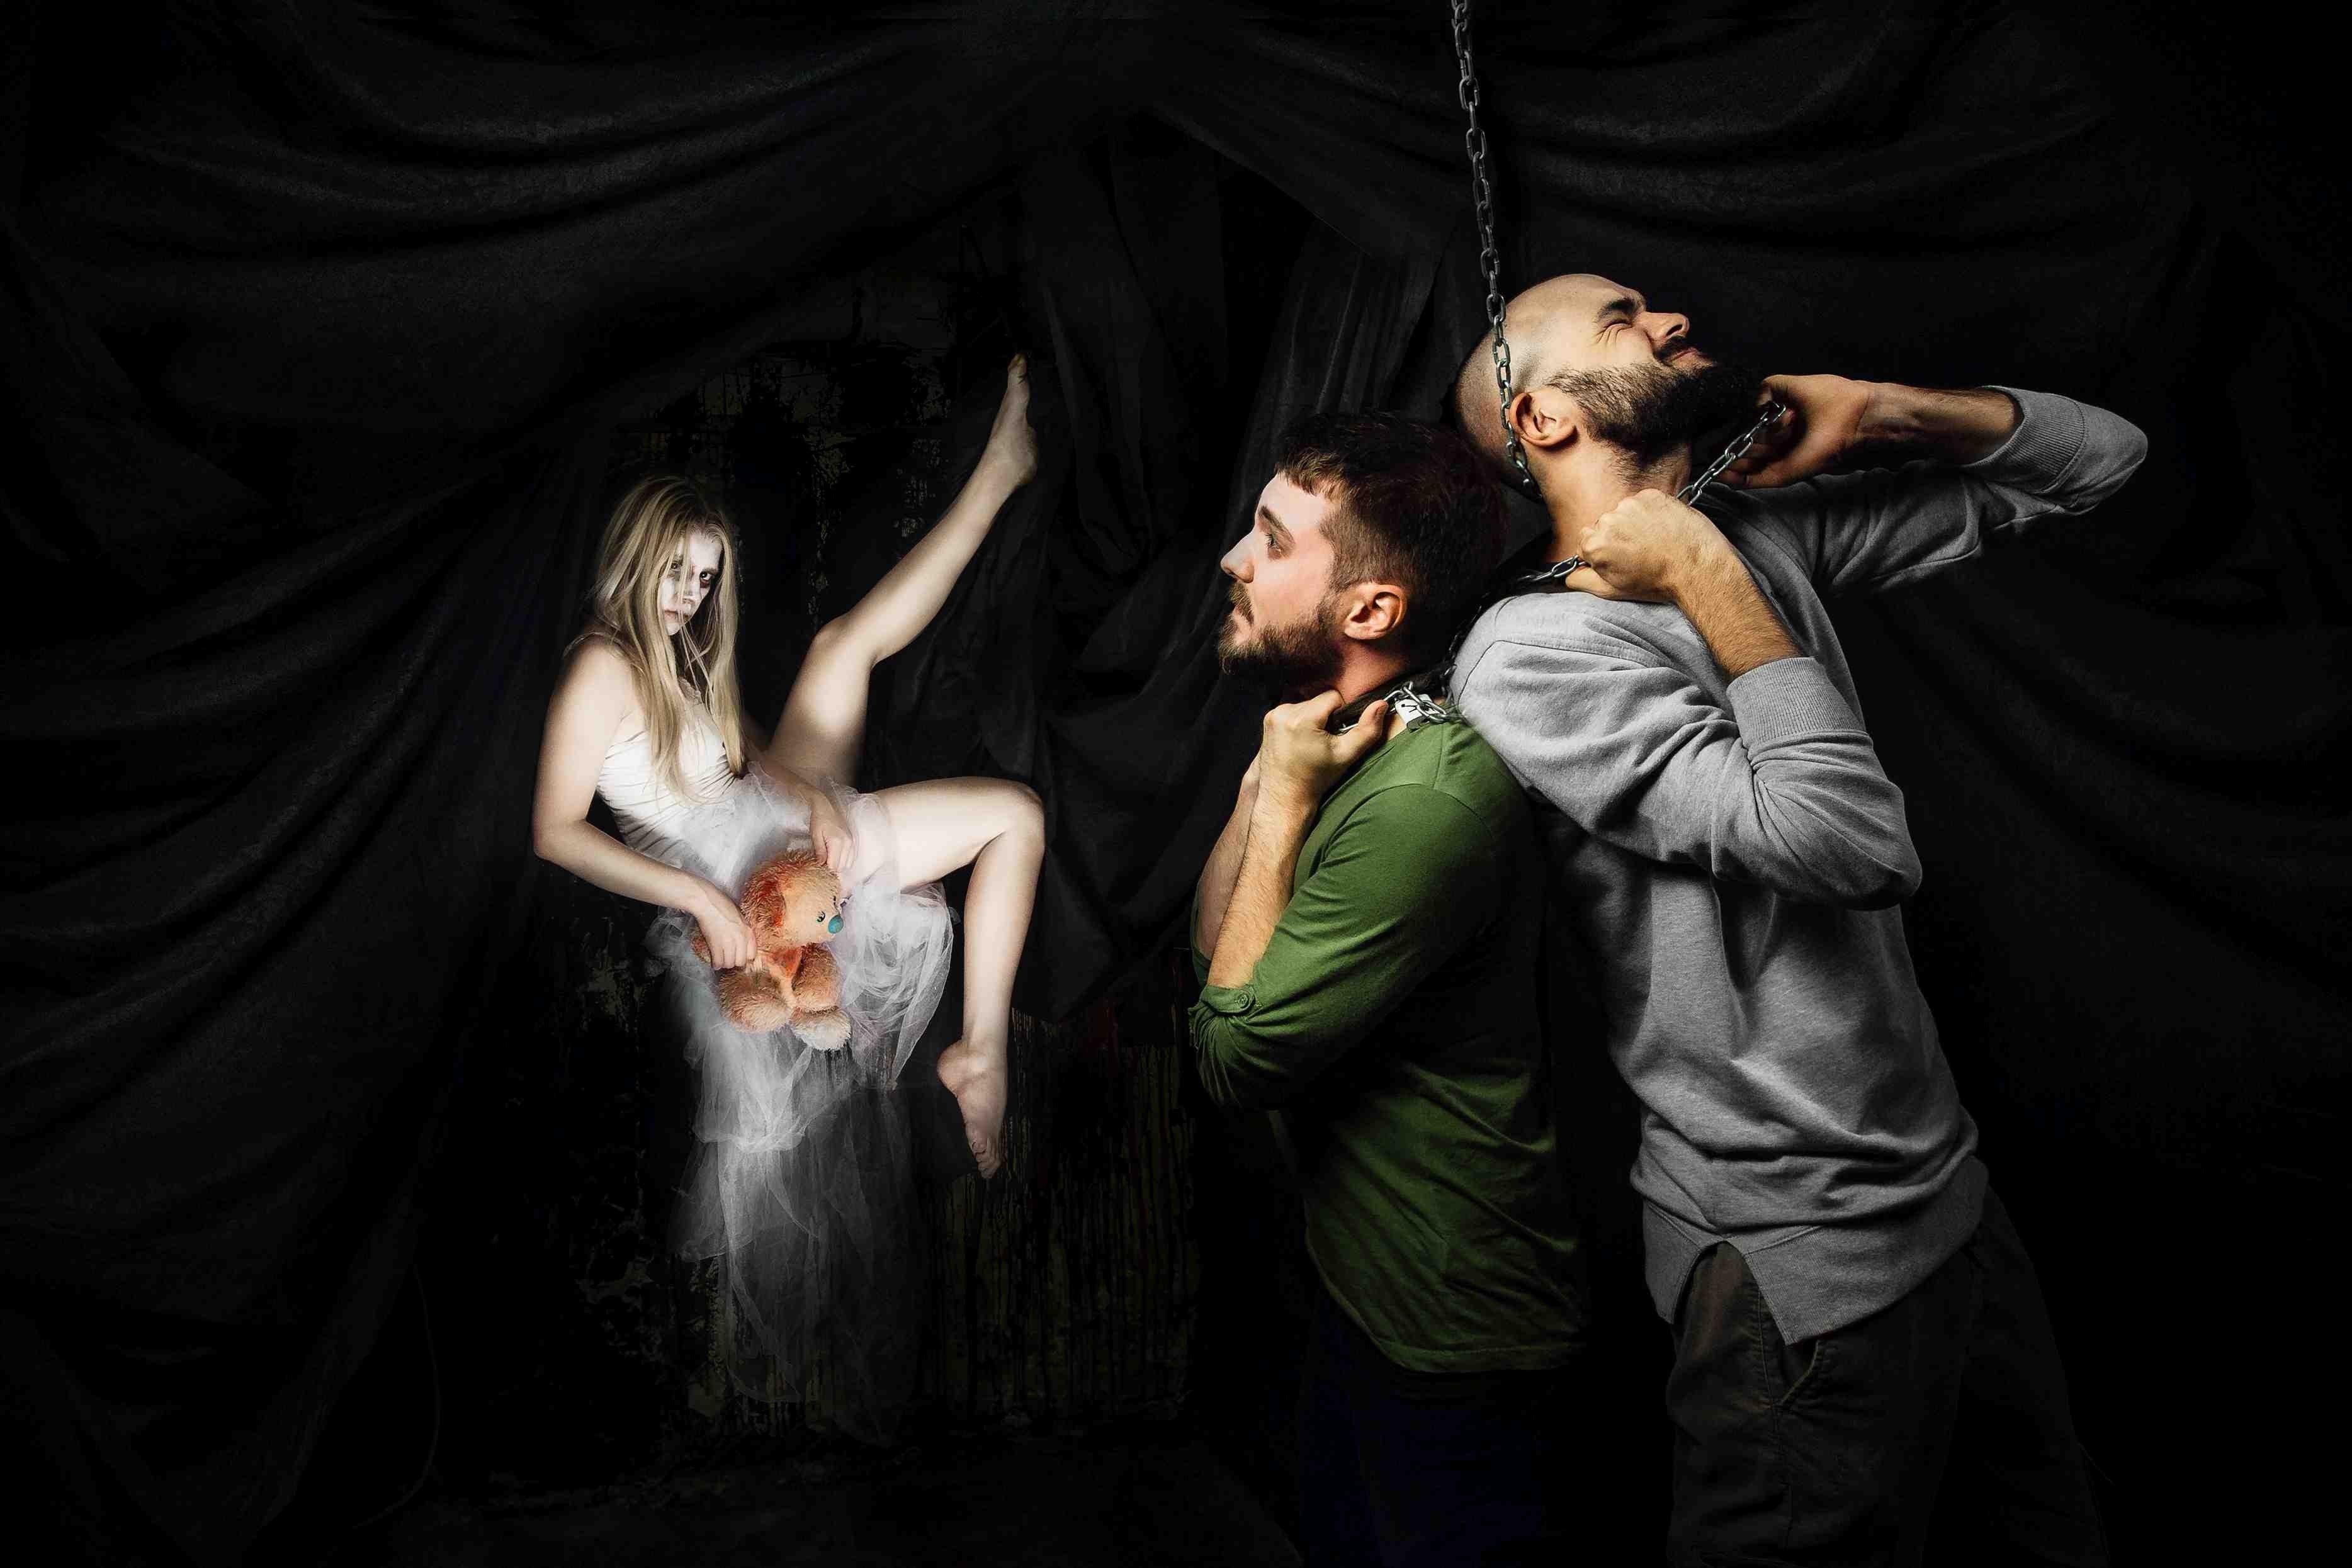 Эротические квесты: игра на грани